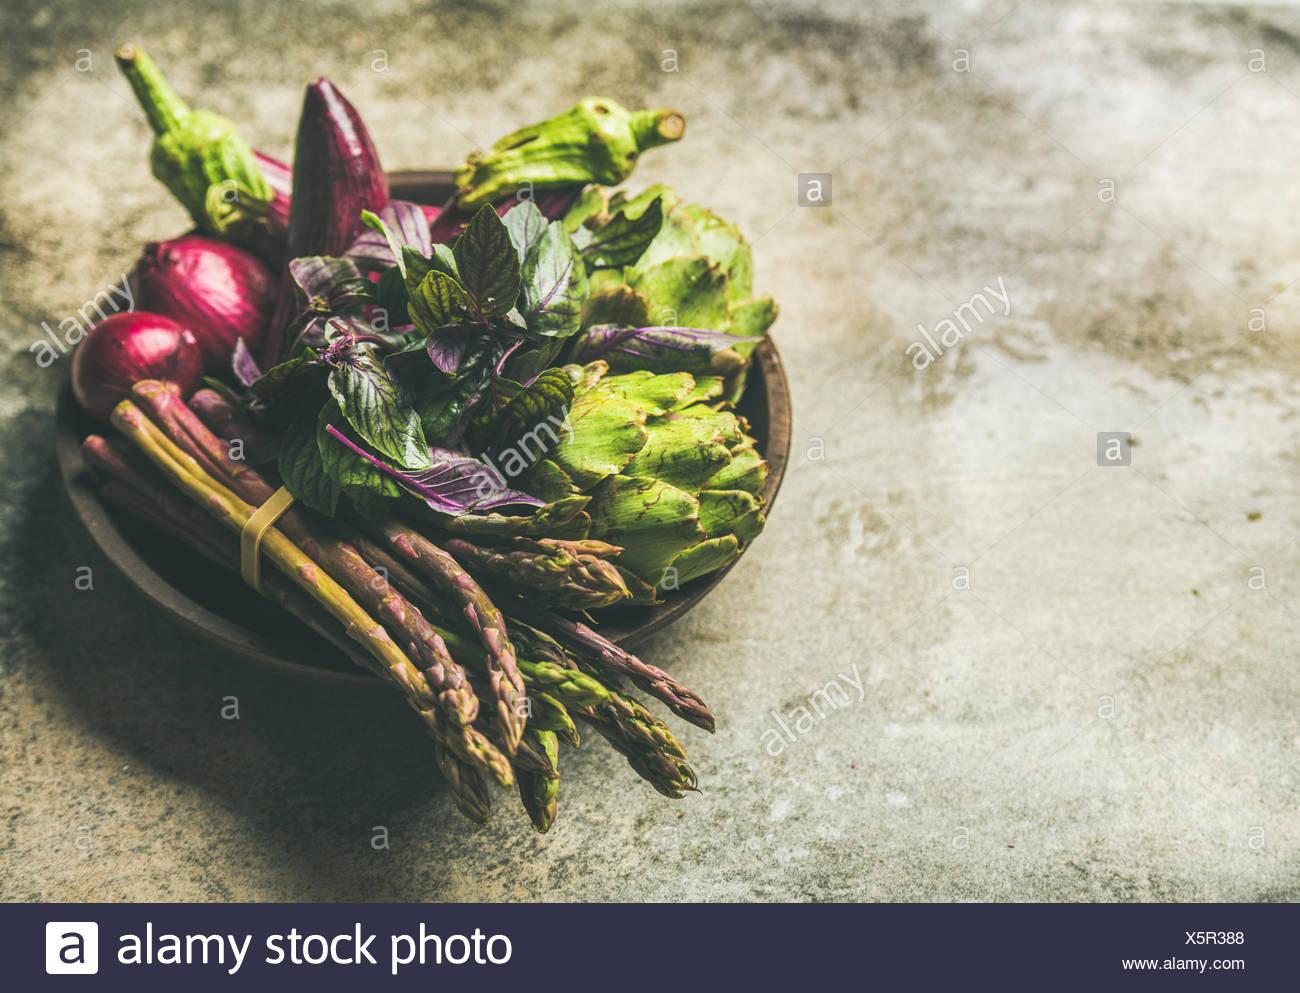 Grün und lila Gemüse auf die Platte über der konkreten Hintergrund, selektiver Fokus, kopieren. lokale Produkte für gesundes Kochen. eggplans, Bohnen, Kohl, Stockbild